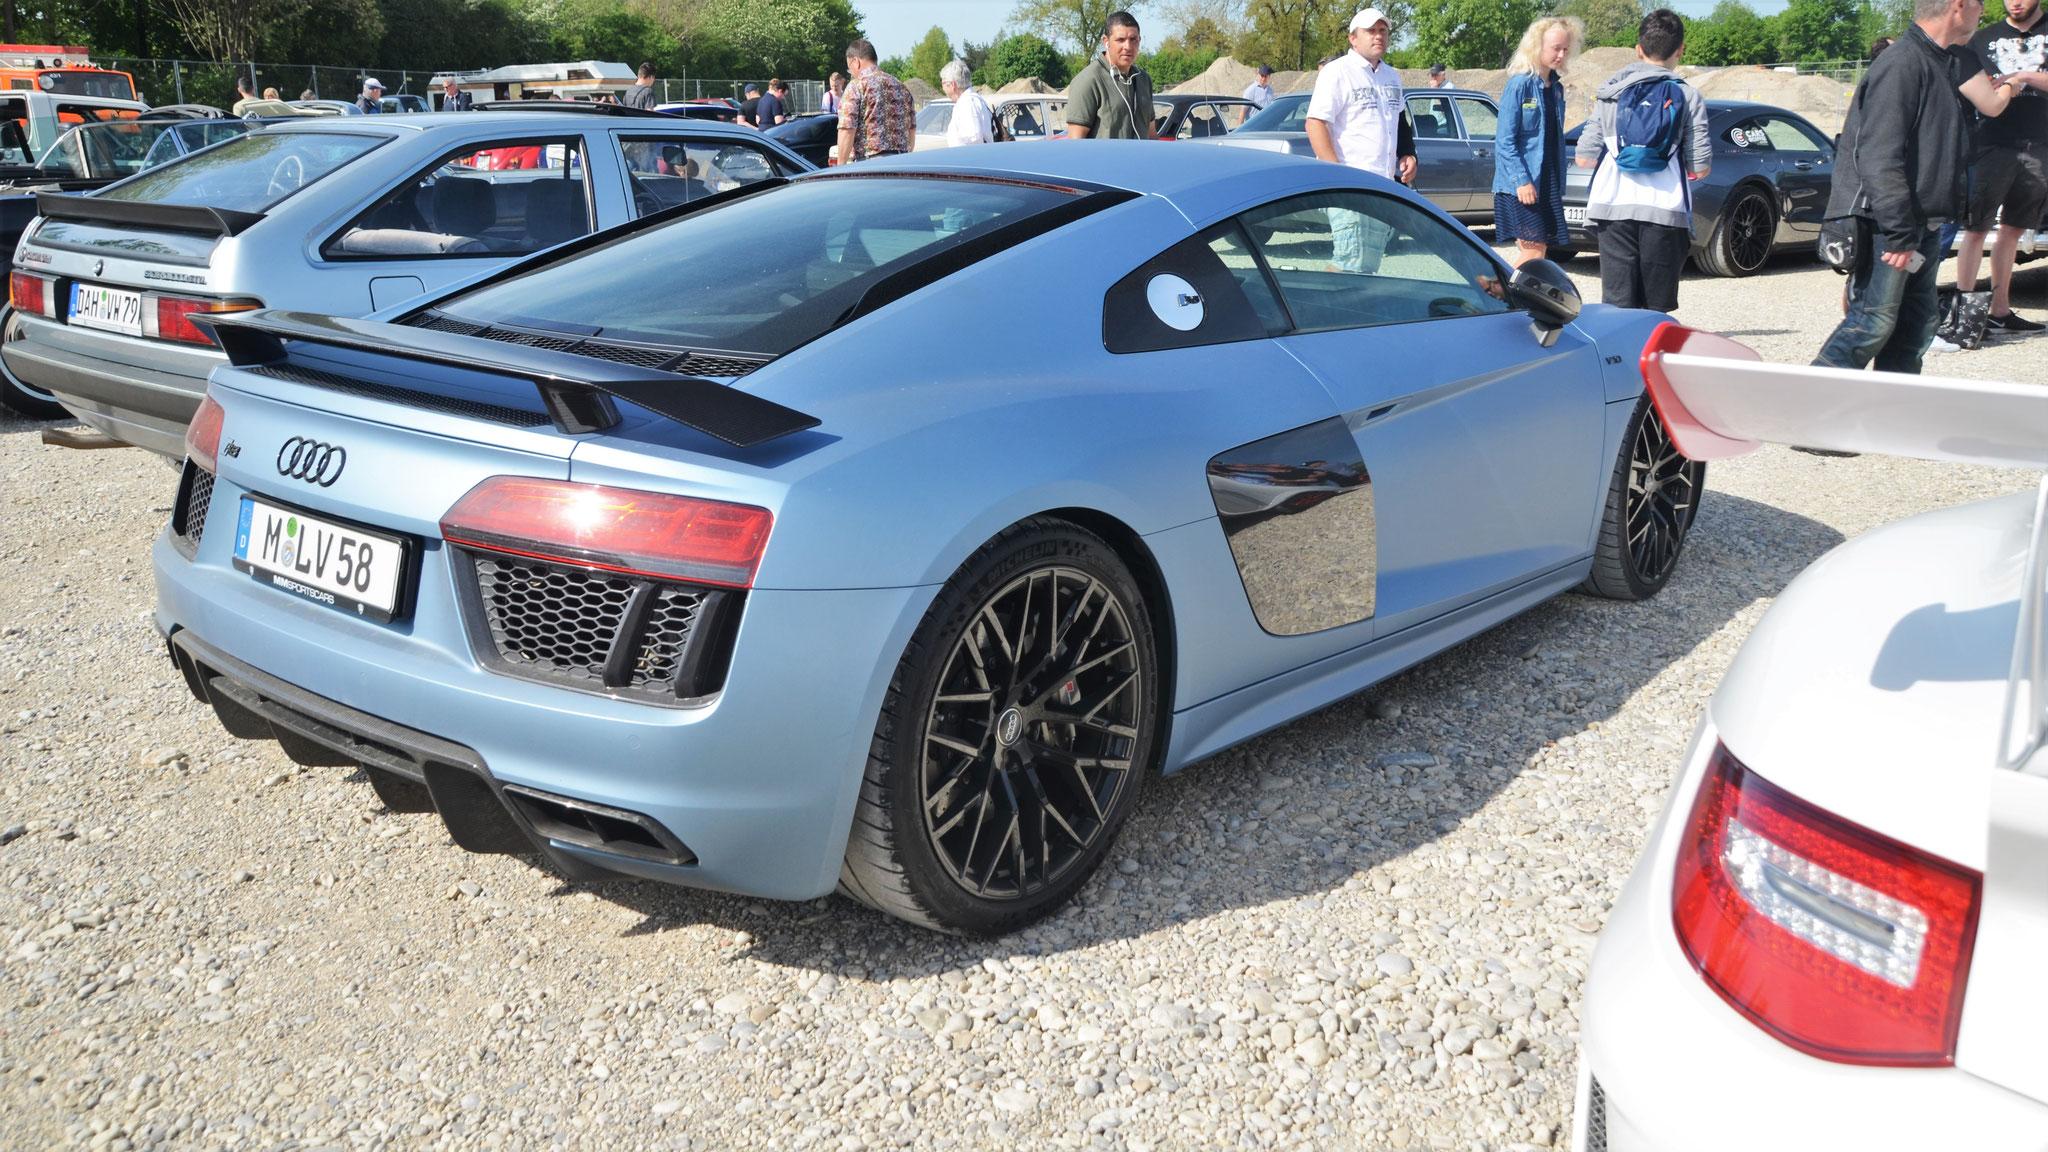 Audi R8 V10 - M-LV-58